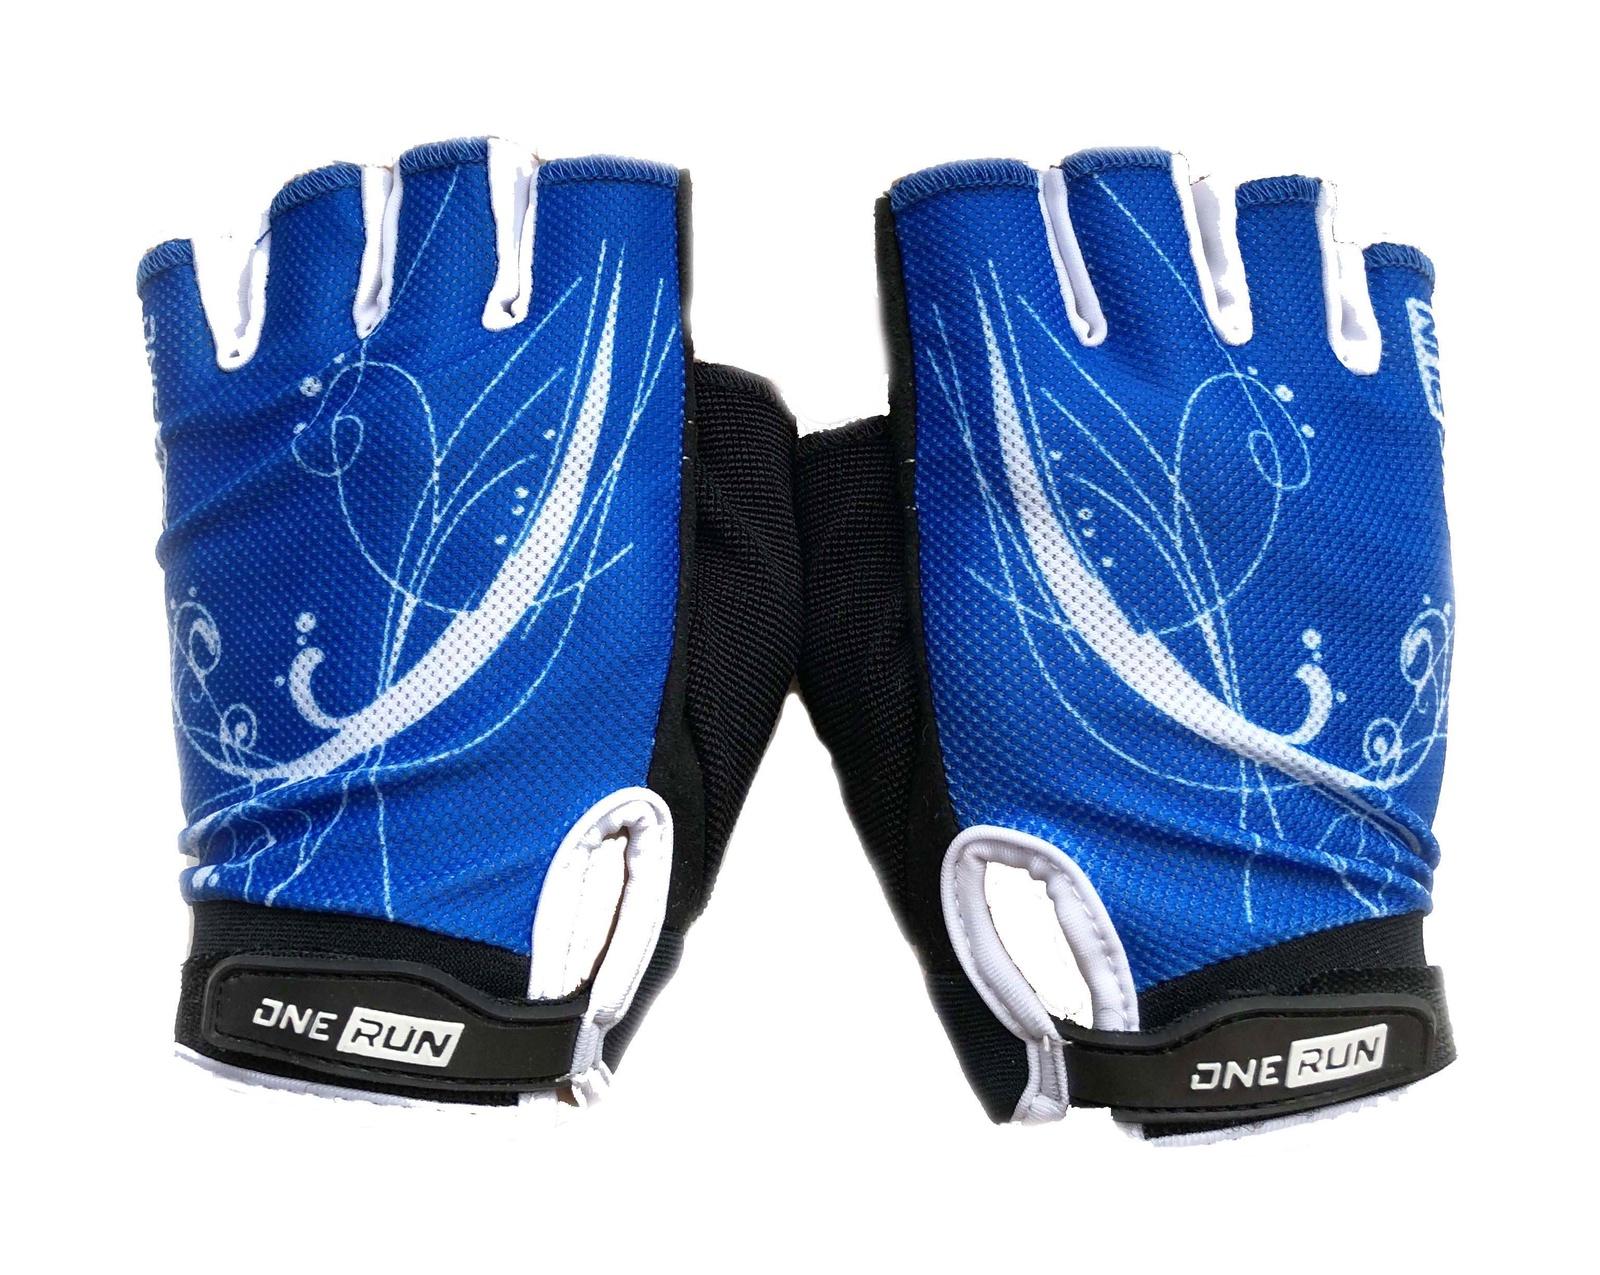 цена на Перчатки для фитнеса OneRun женские узор, AI-05-789-XS, синий, черный, размер XS